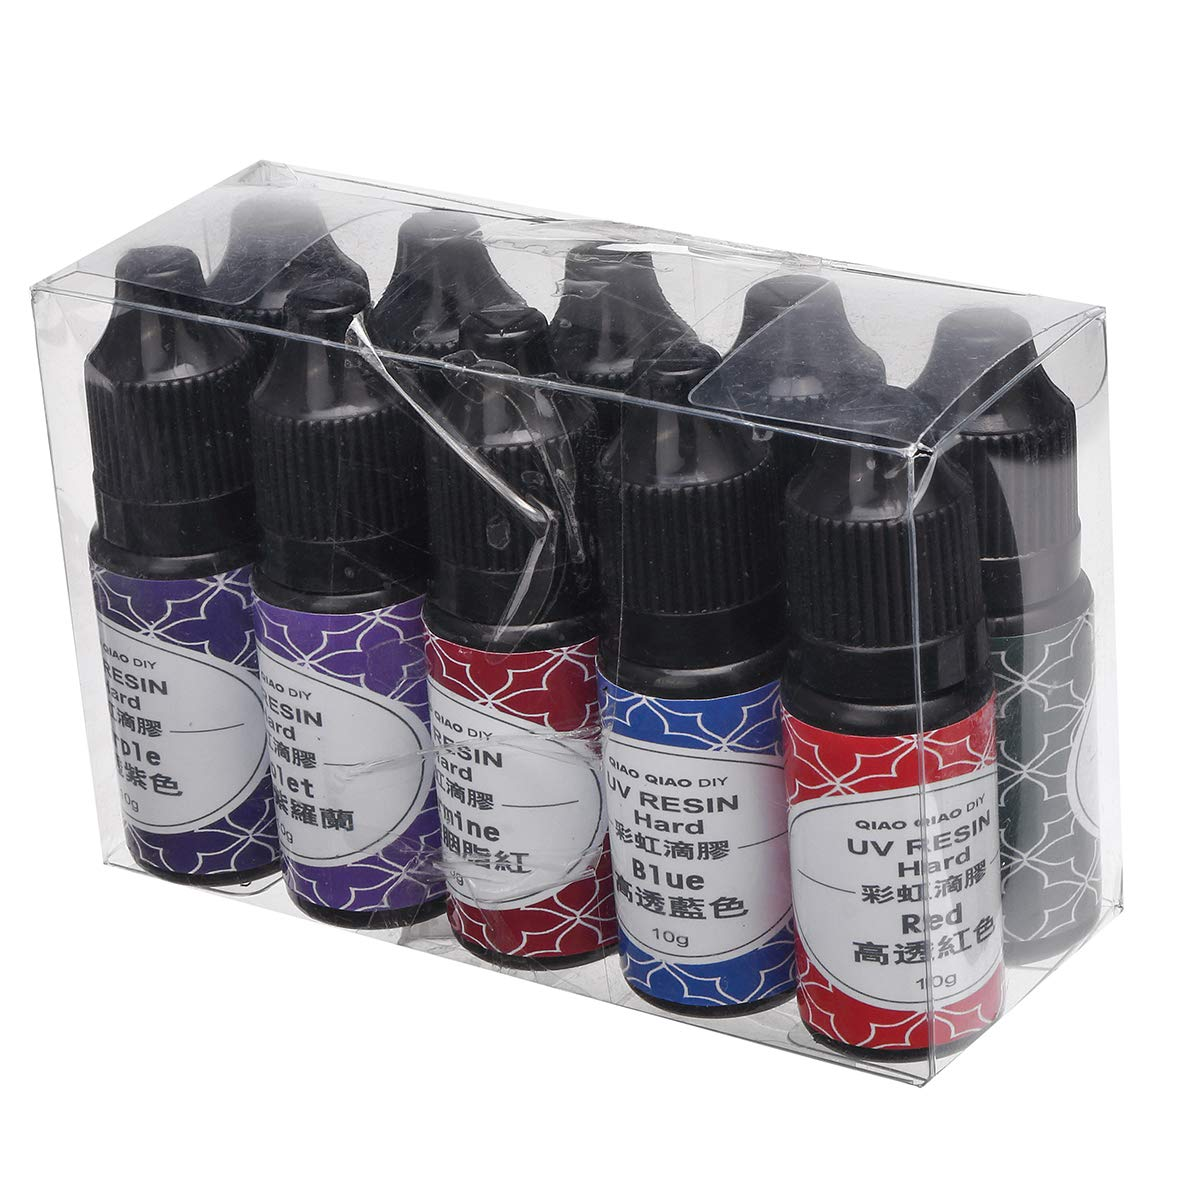 ChaRLes Epoxy UV-Harz Färbung Färbung Färbung Farbstoff Farb-Pigment für DIY-Mix 13 Farben MSDS B07K31B1SD | Ausgezeichnet (in) Qualität  937b2c